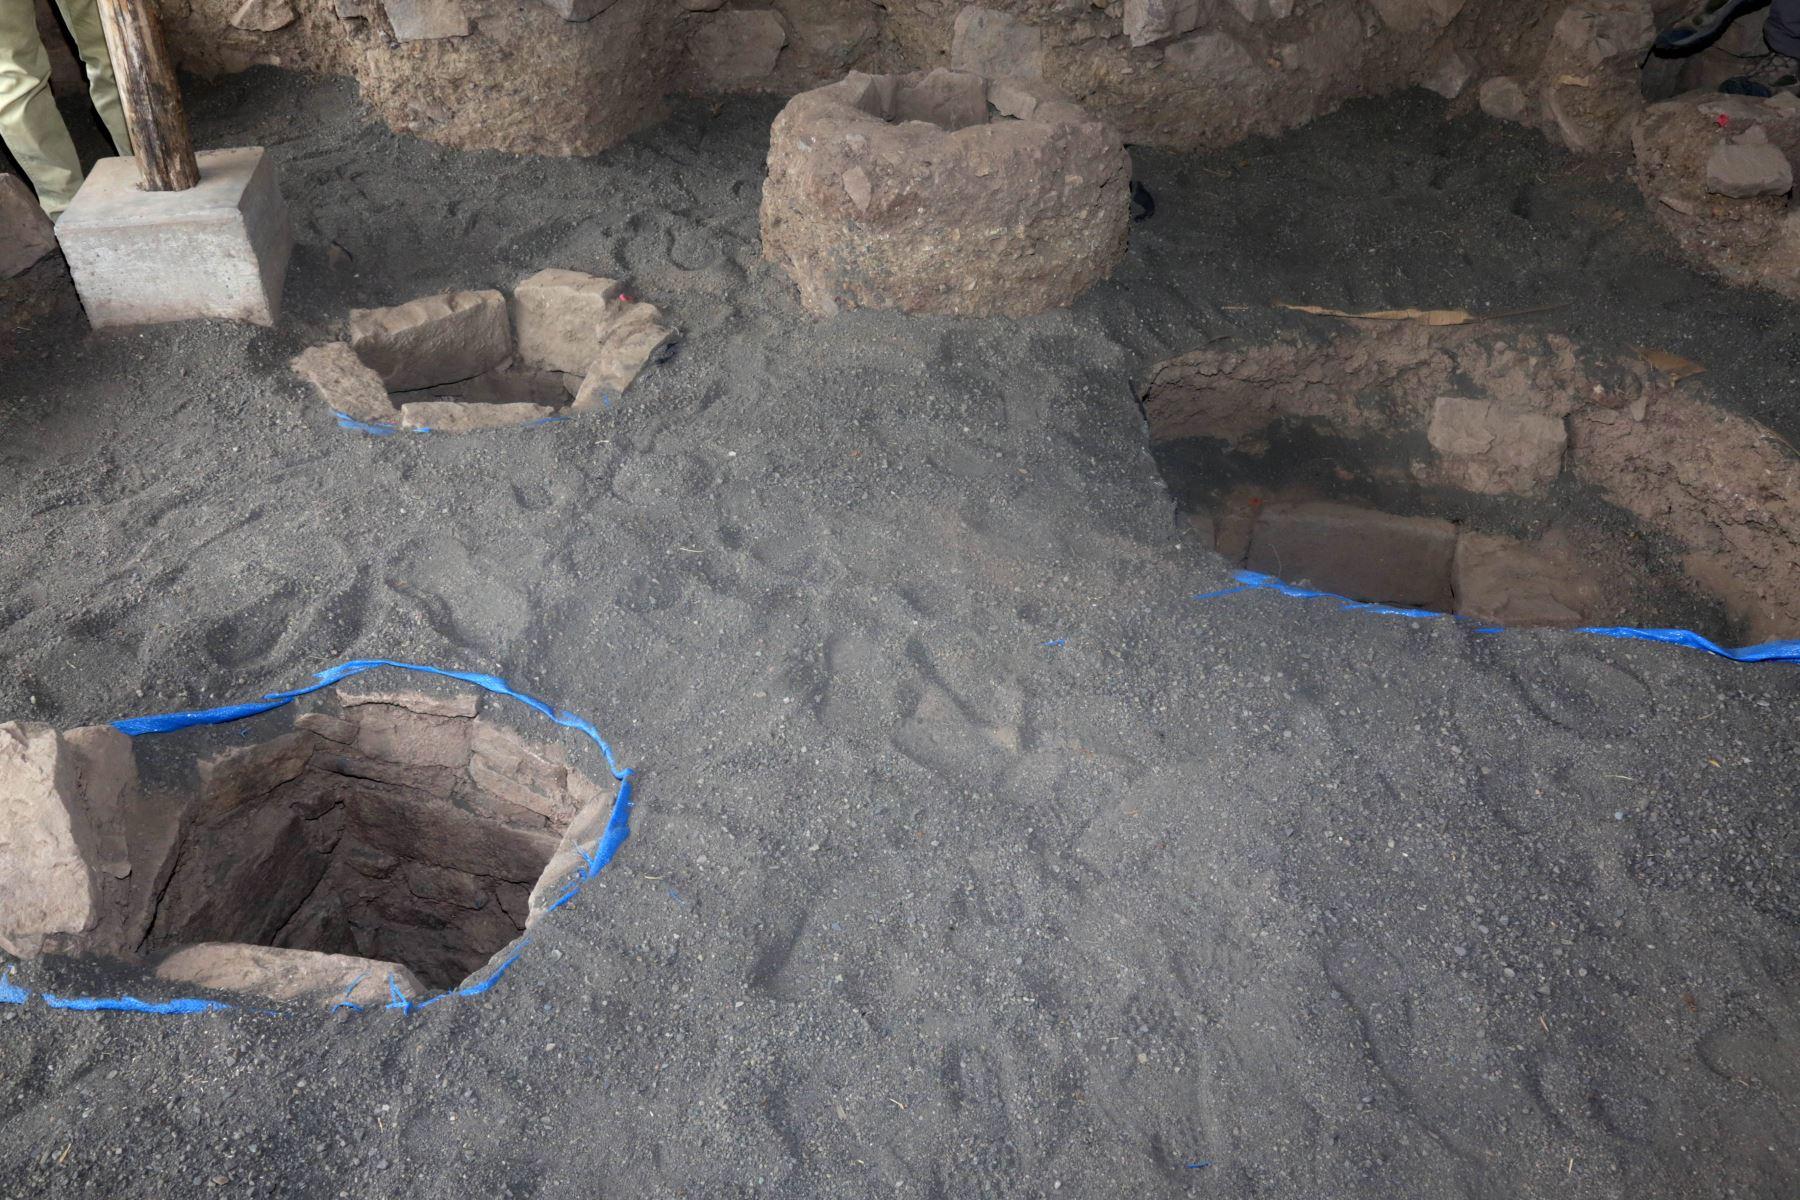 El hallazgo más importantes de los últimos 50 años en el Monumento Arqueológico Chavín de Huántar. Se trata de tres nuevas galerías subterráneas que presentan los primeros entierros humanos encontrados de la época Chavín. Foto: ANDINA/Ministerio de Cultura